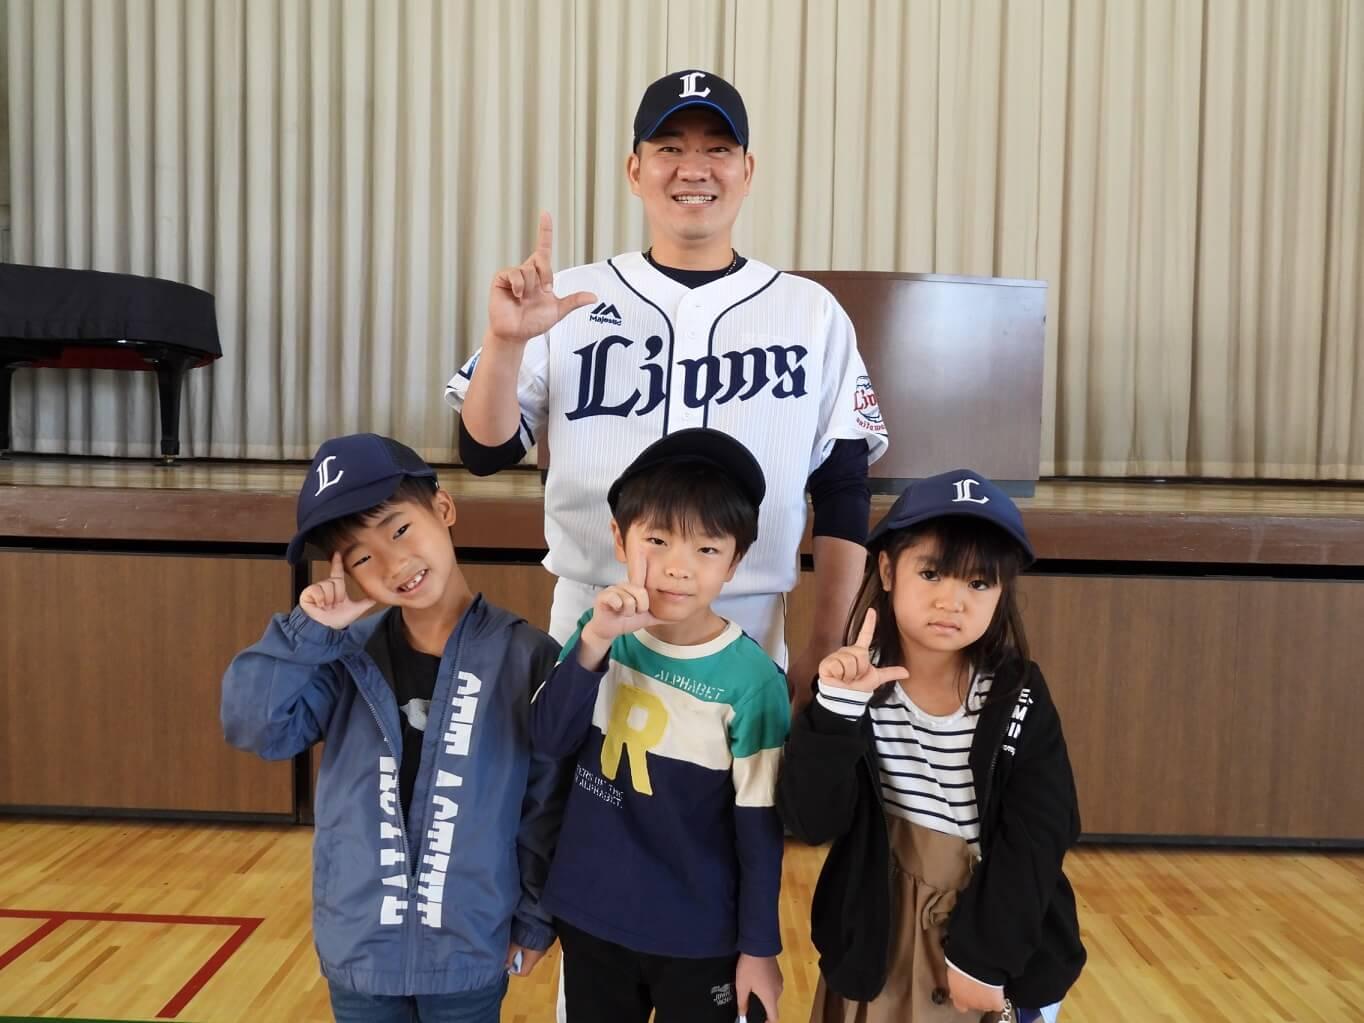 西武が今年も埼玉県内の小学1年生にキャップ配布!小手指小では再び髙橋朋己が贈呈式【L-FRIENDS】